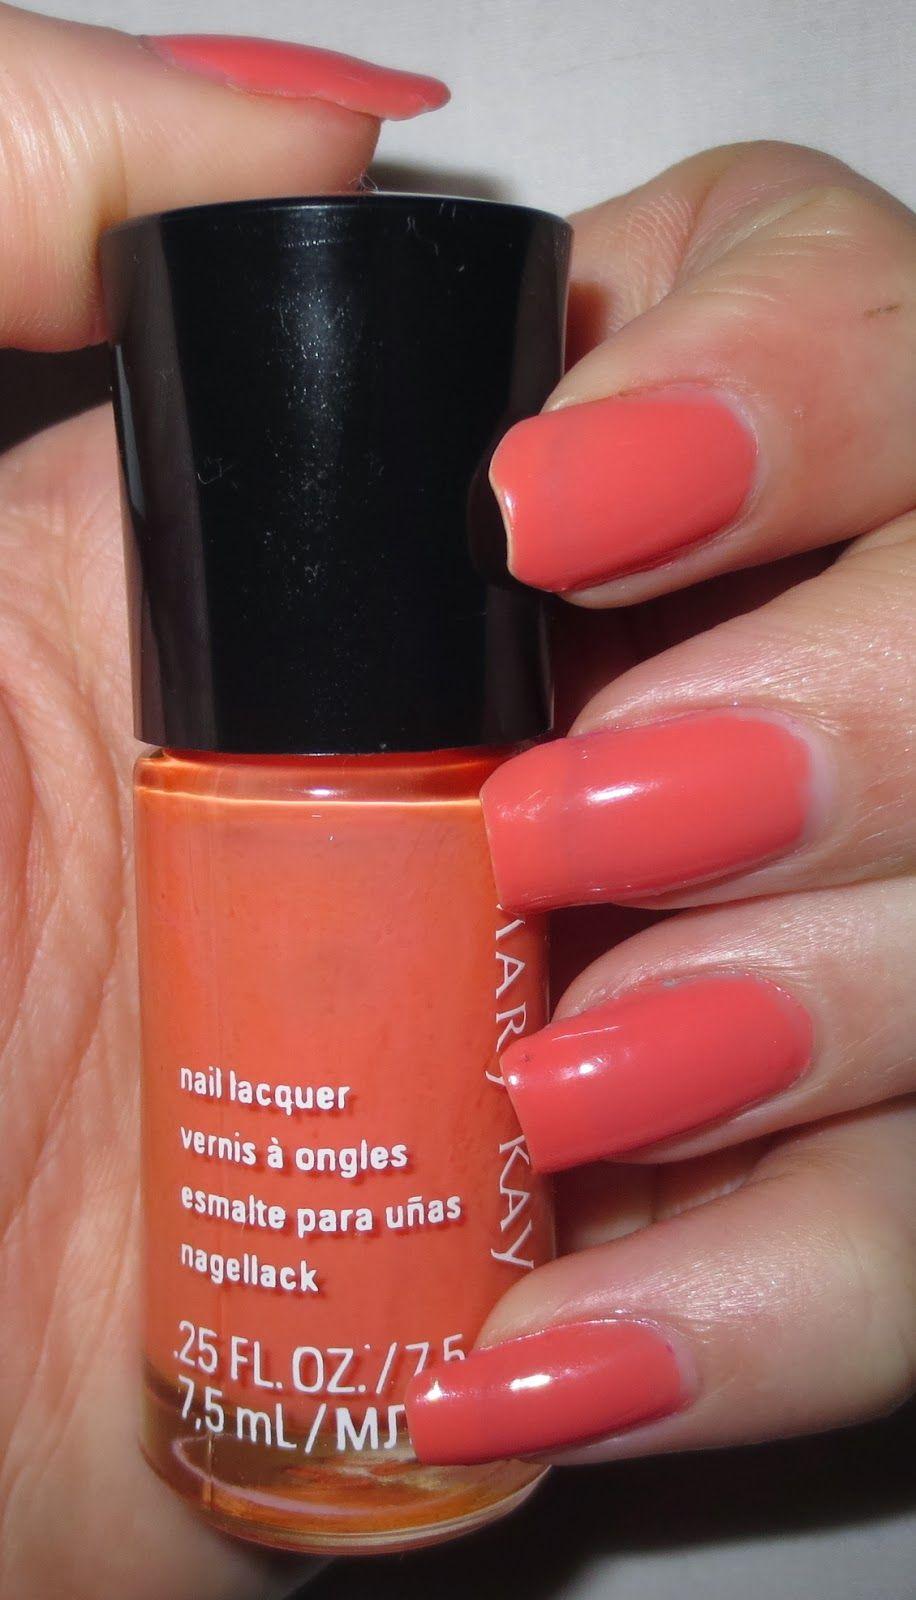 Mary Kay Nail Lacquer - Carefree Coral | Mary Kay Fav Nail Lacquers ...